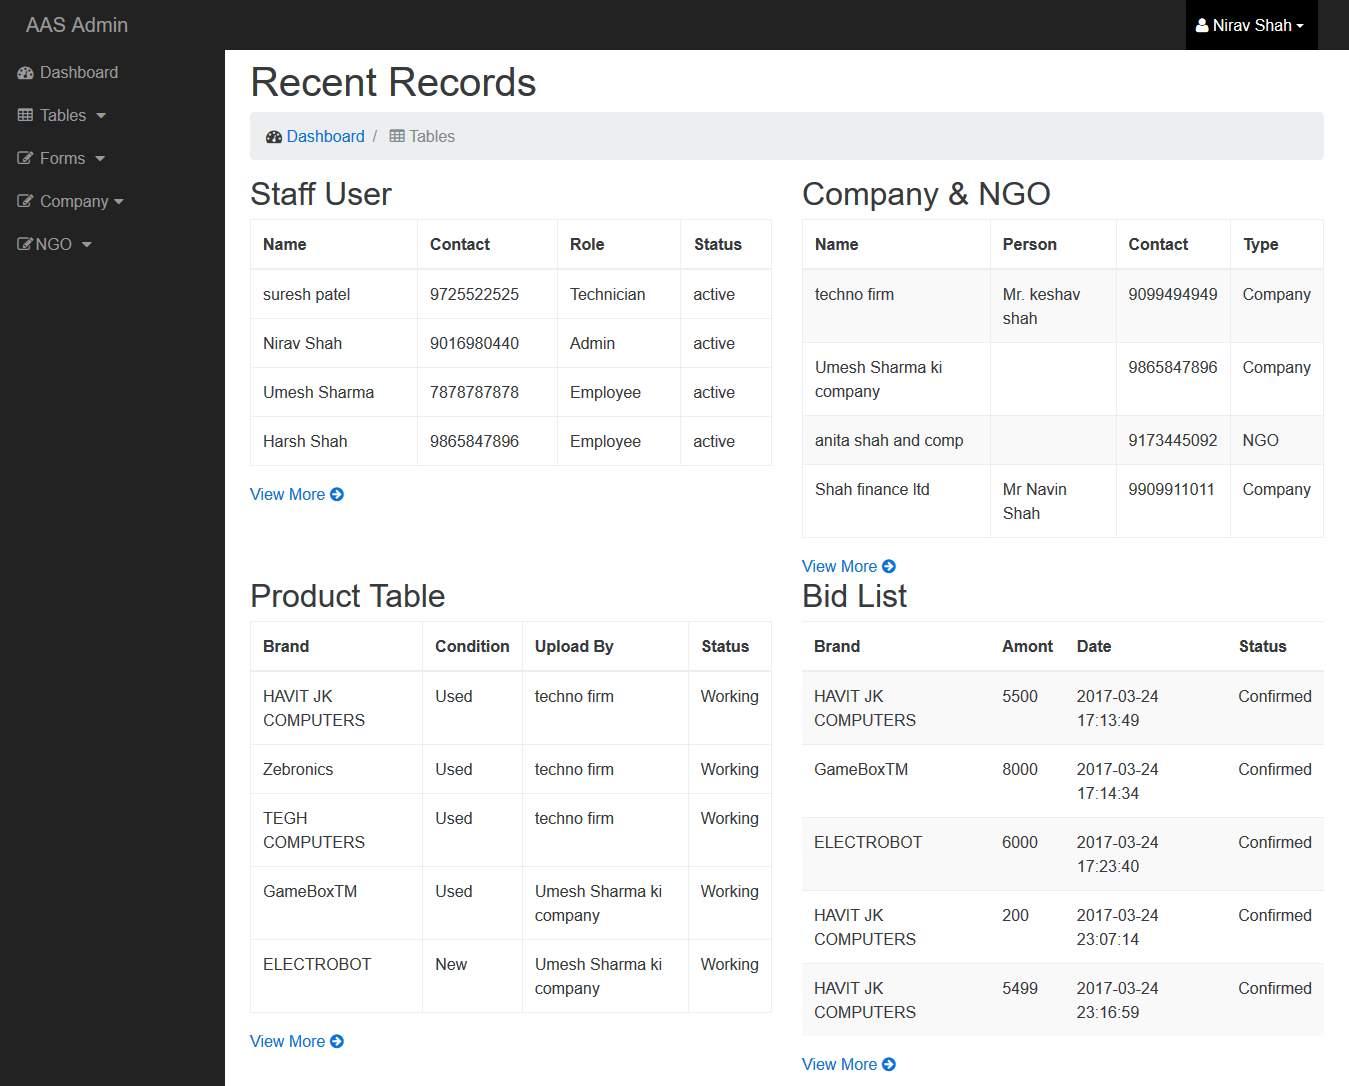 C:\Users\Nirav Shah\Desktop\Admin Dashboard.png